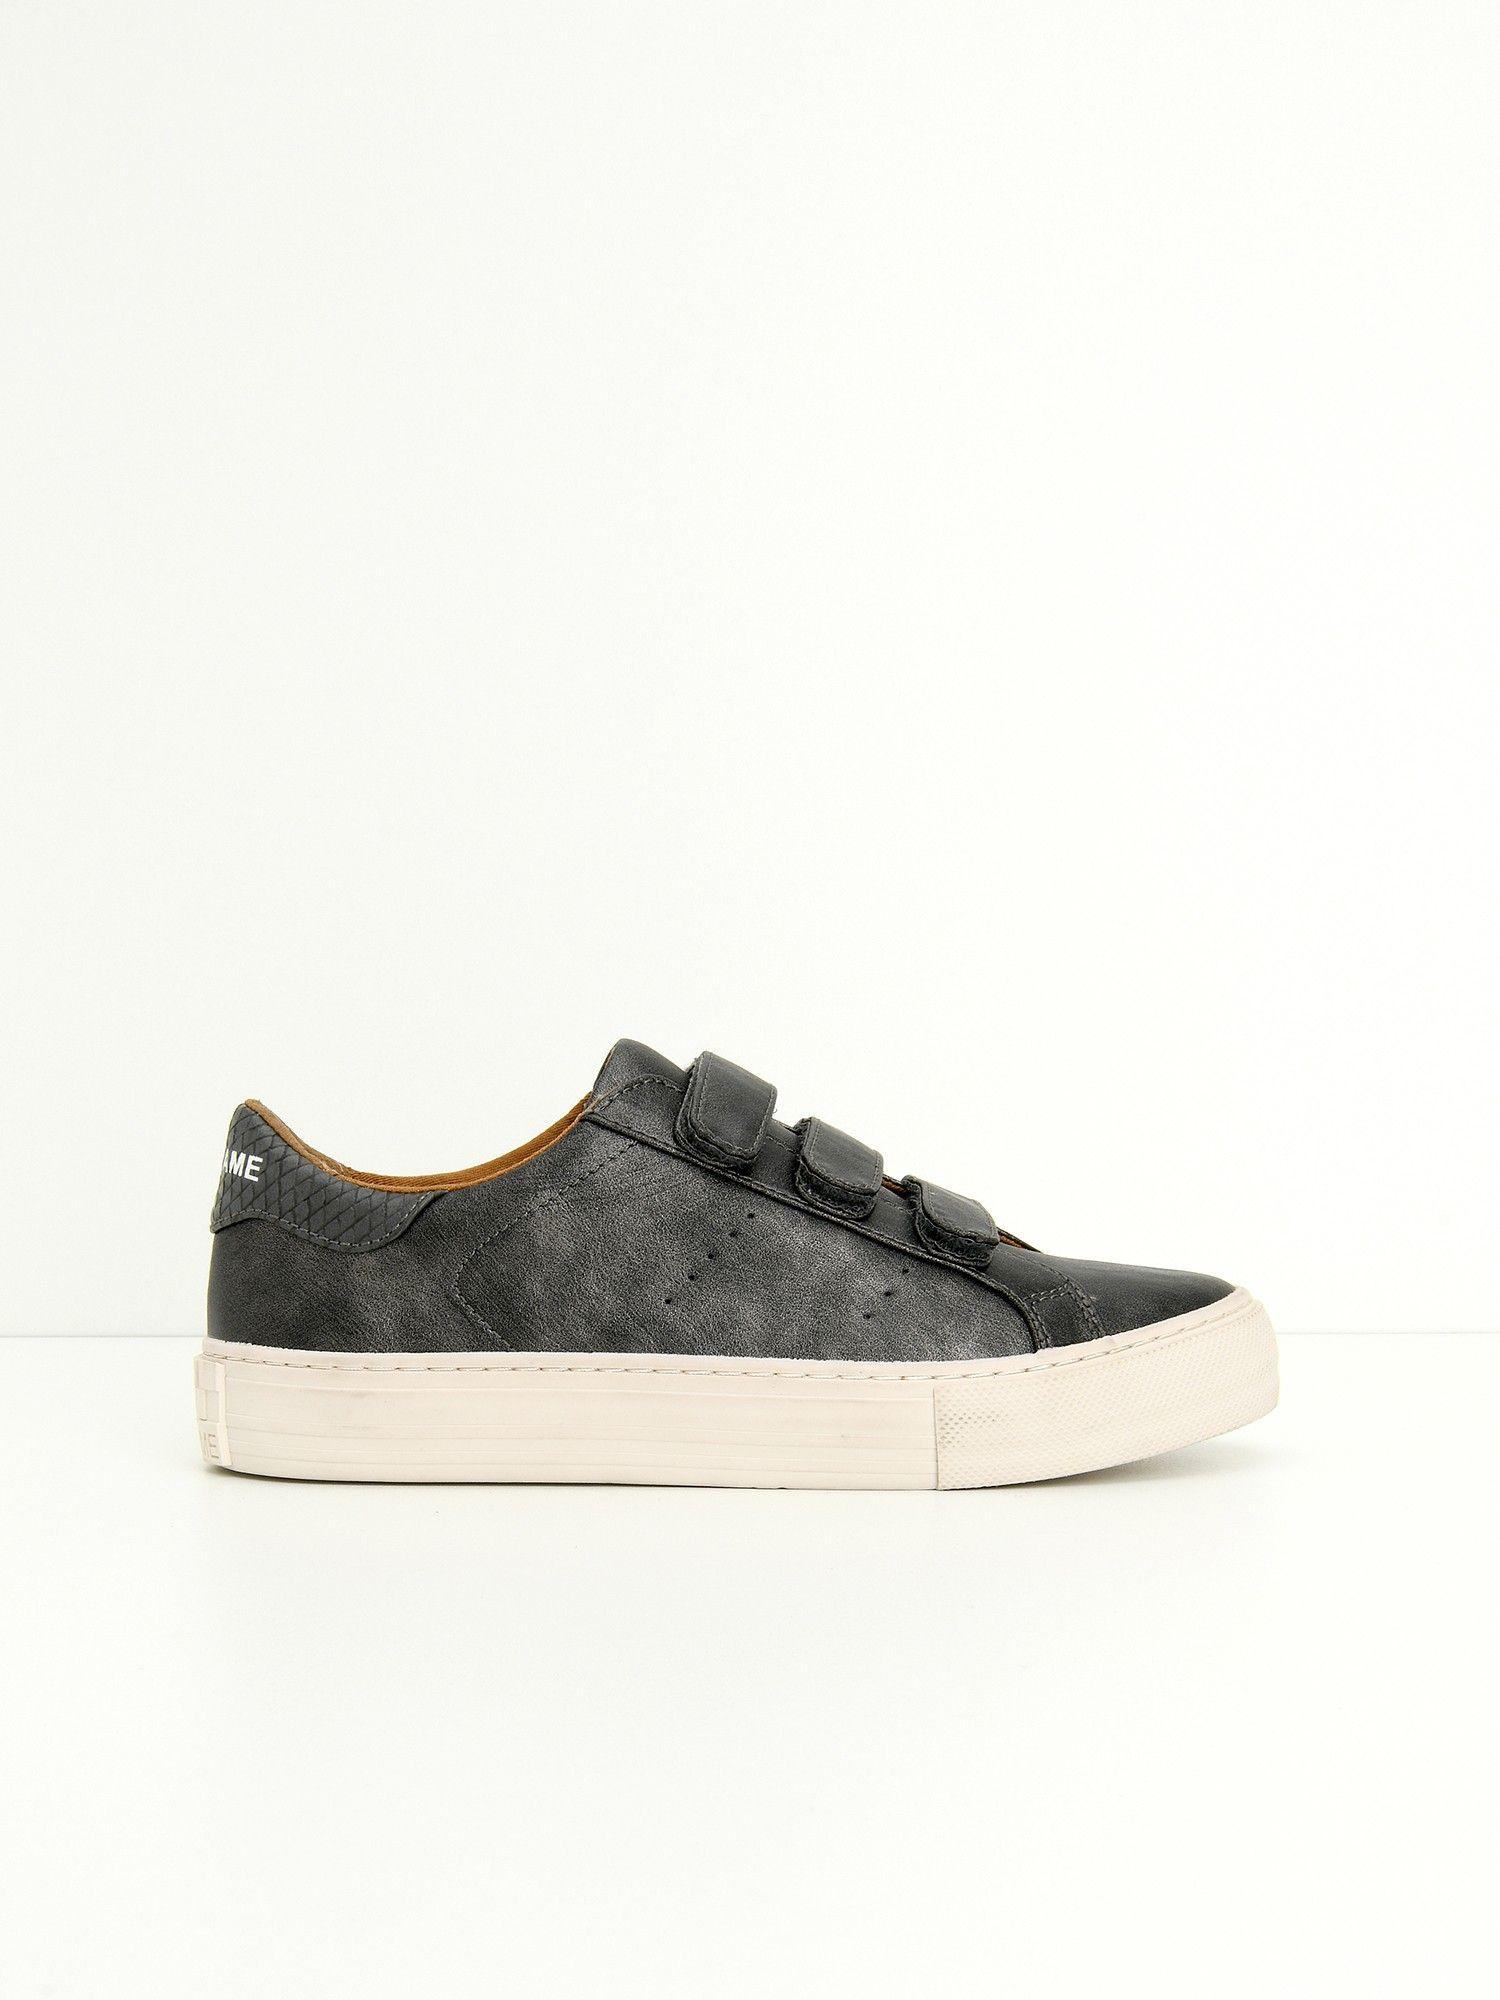 Épinglé par AbiCC sur WANT IT | Chaussure adidas enfant, Chaussure ...